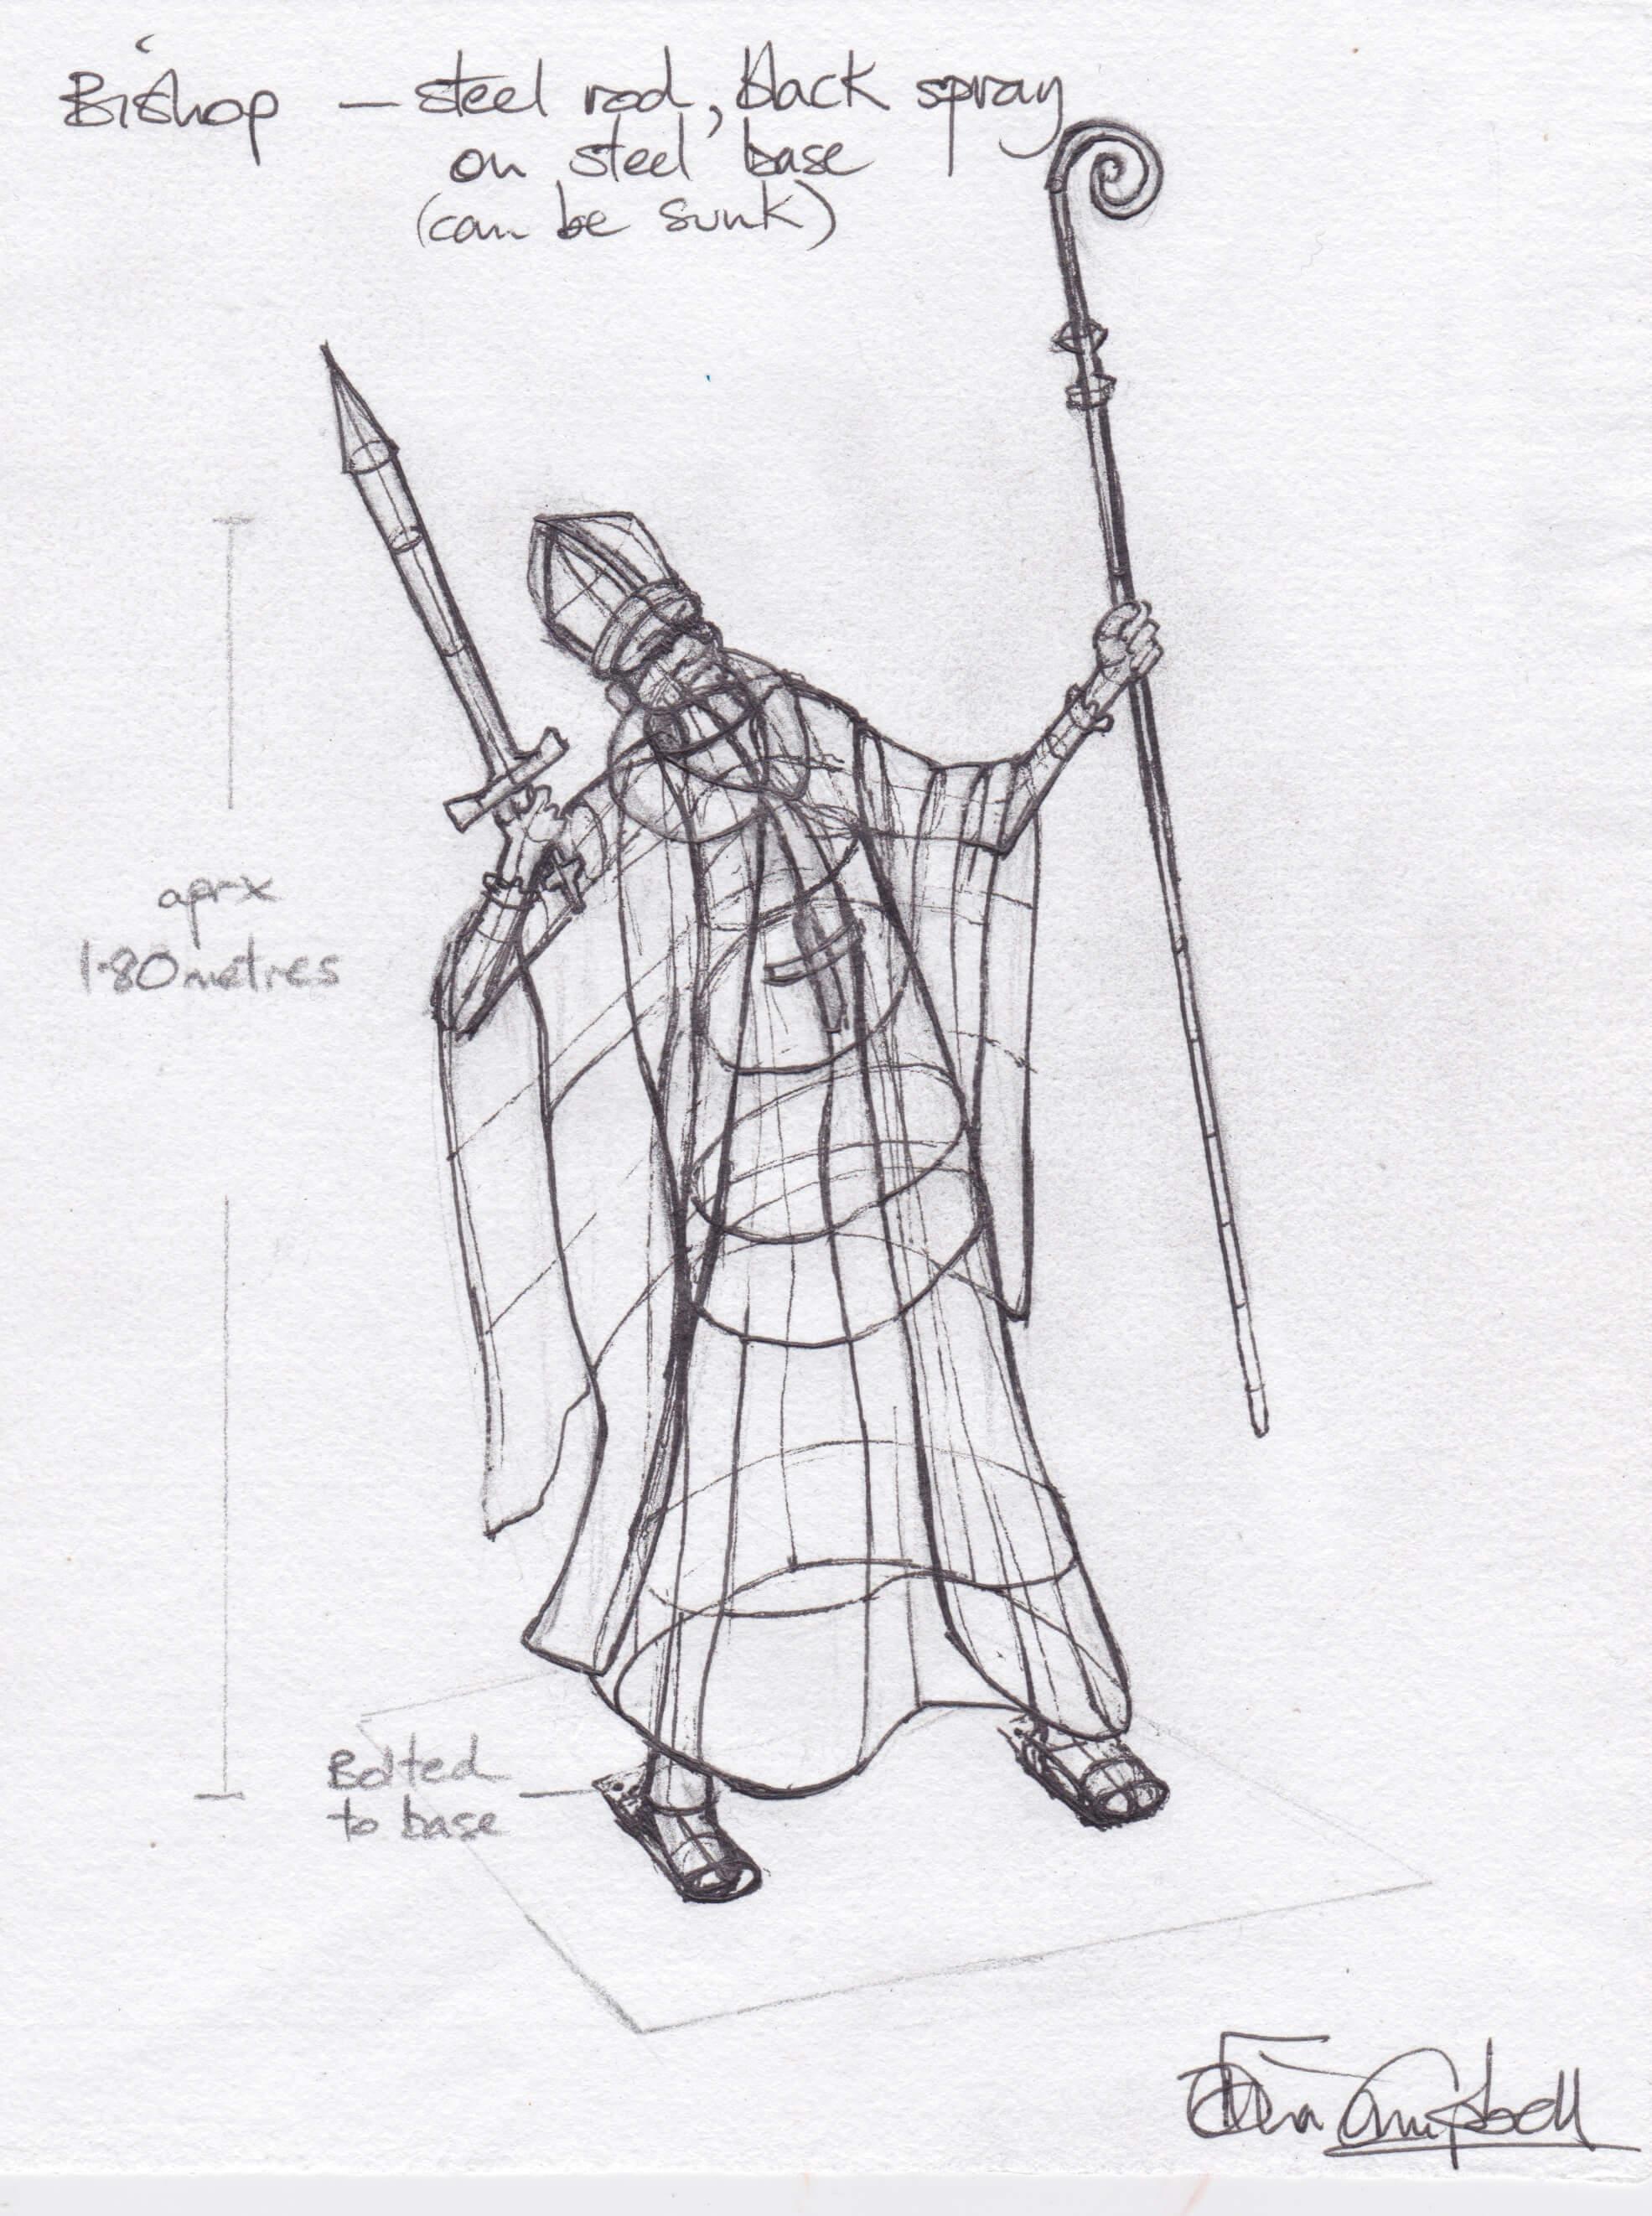 Bishop design